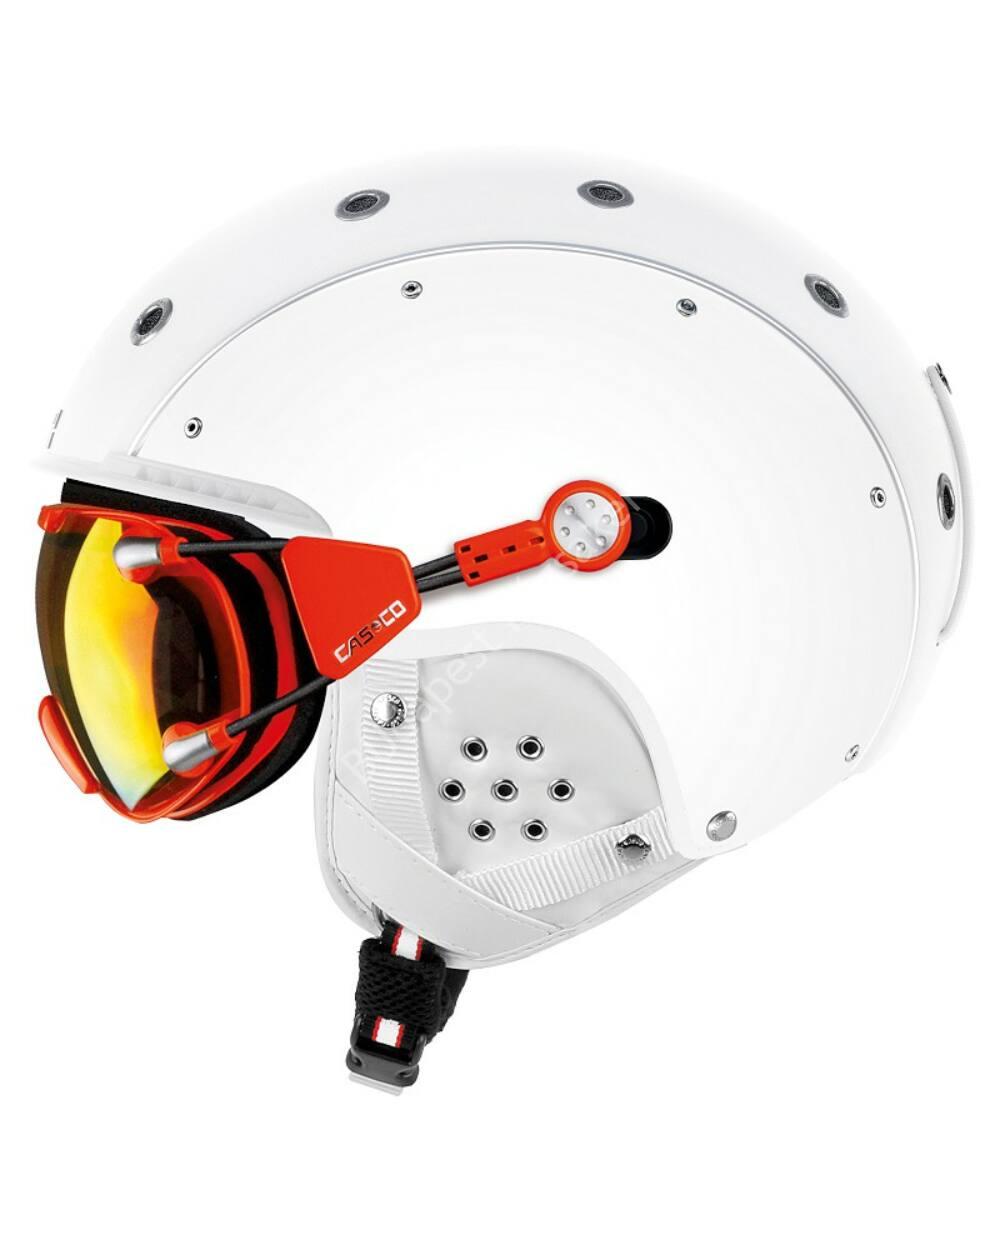 Casco SP-3 Airwolf sísisak, fehér, 56-58cm (szemüveg nélkül)